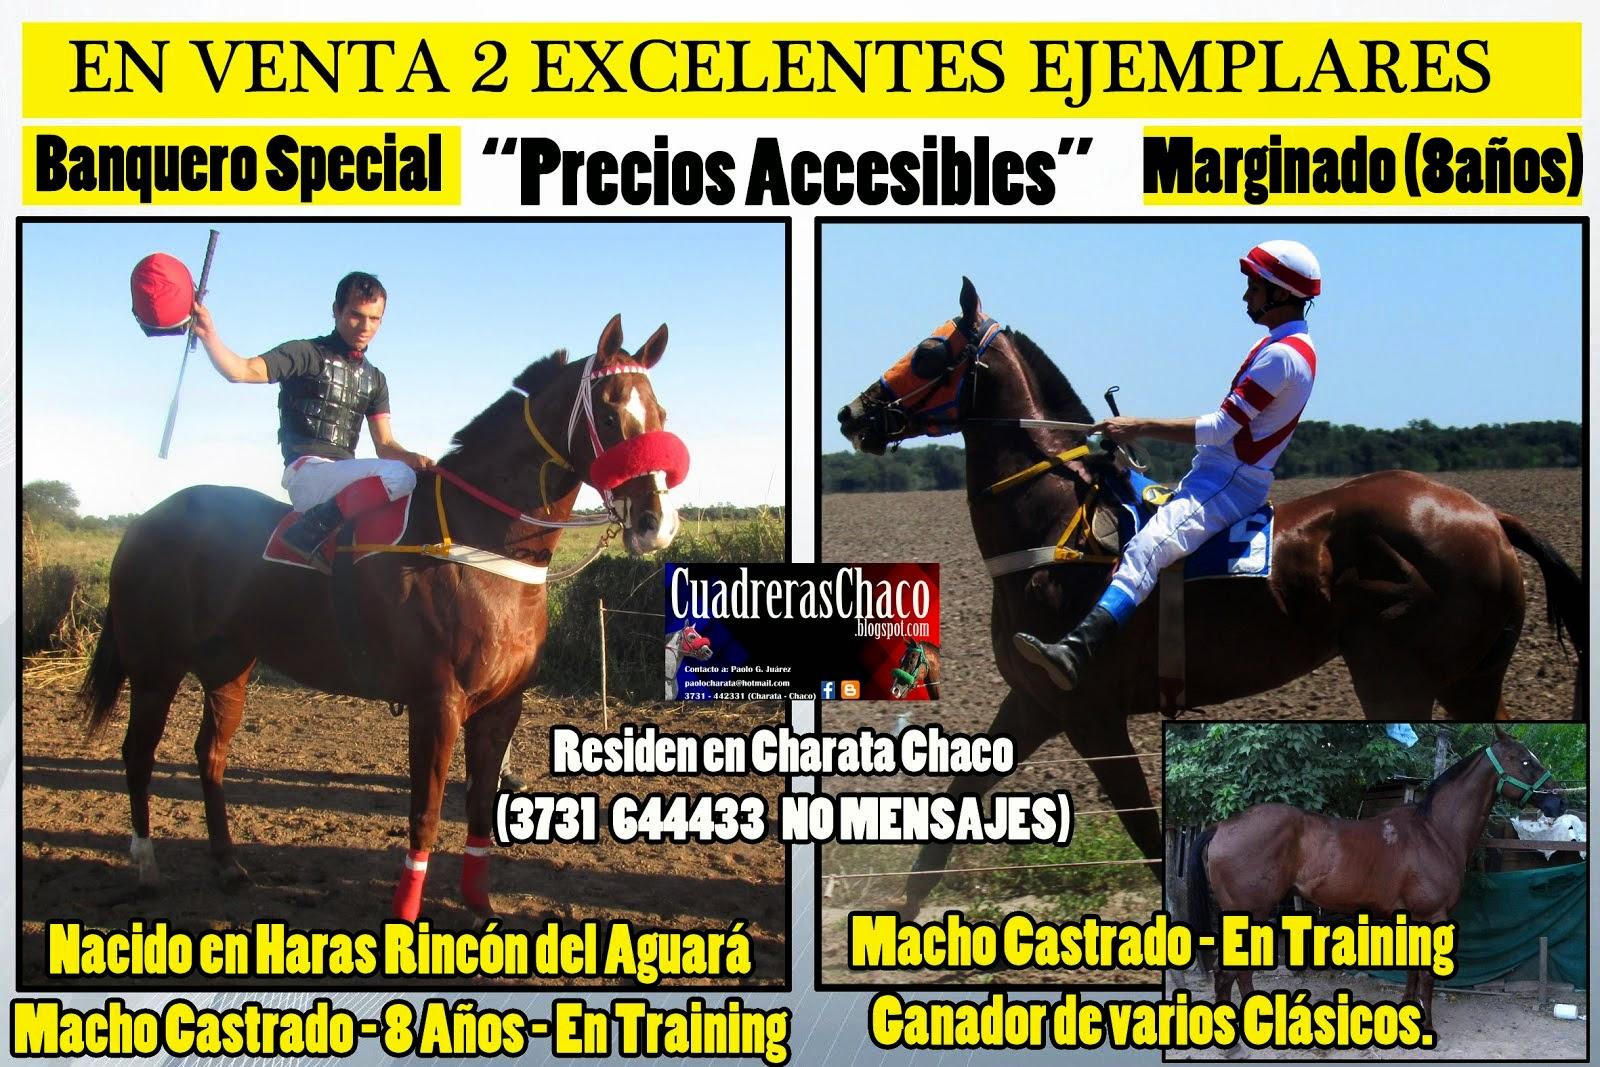 VENTA MARGINADO Y BANQUERO 15-1-15